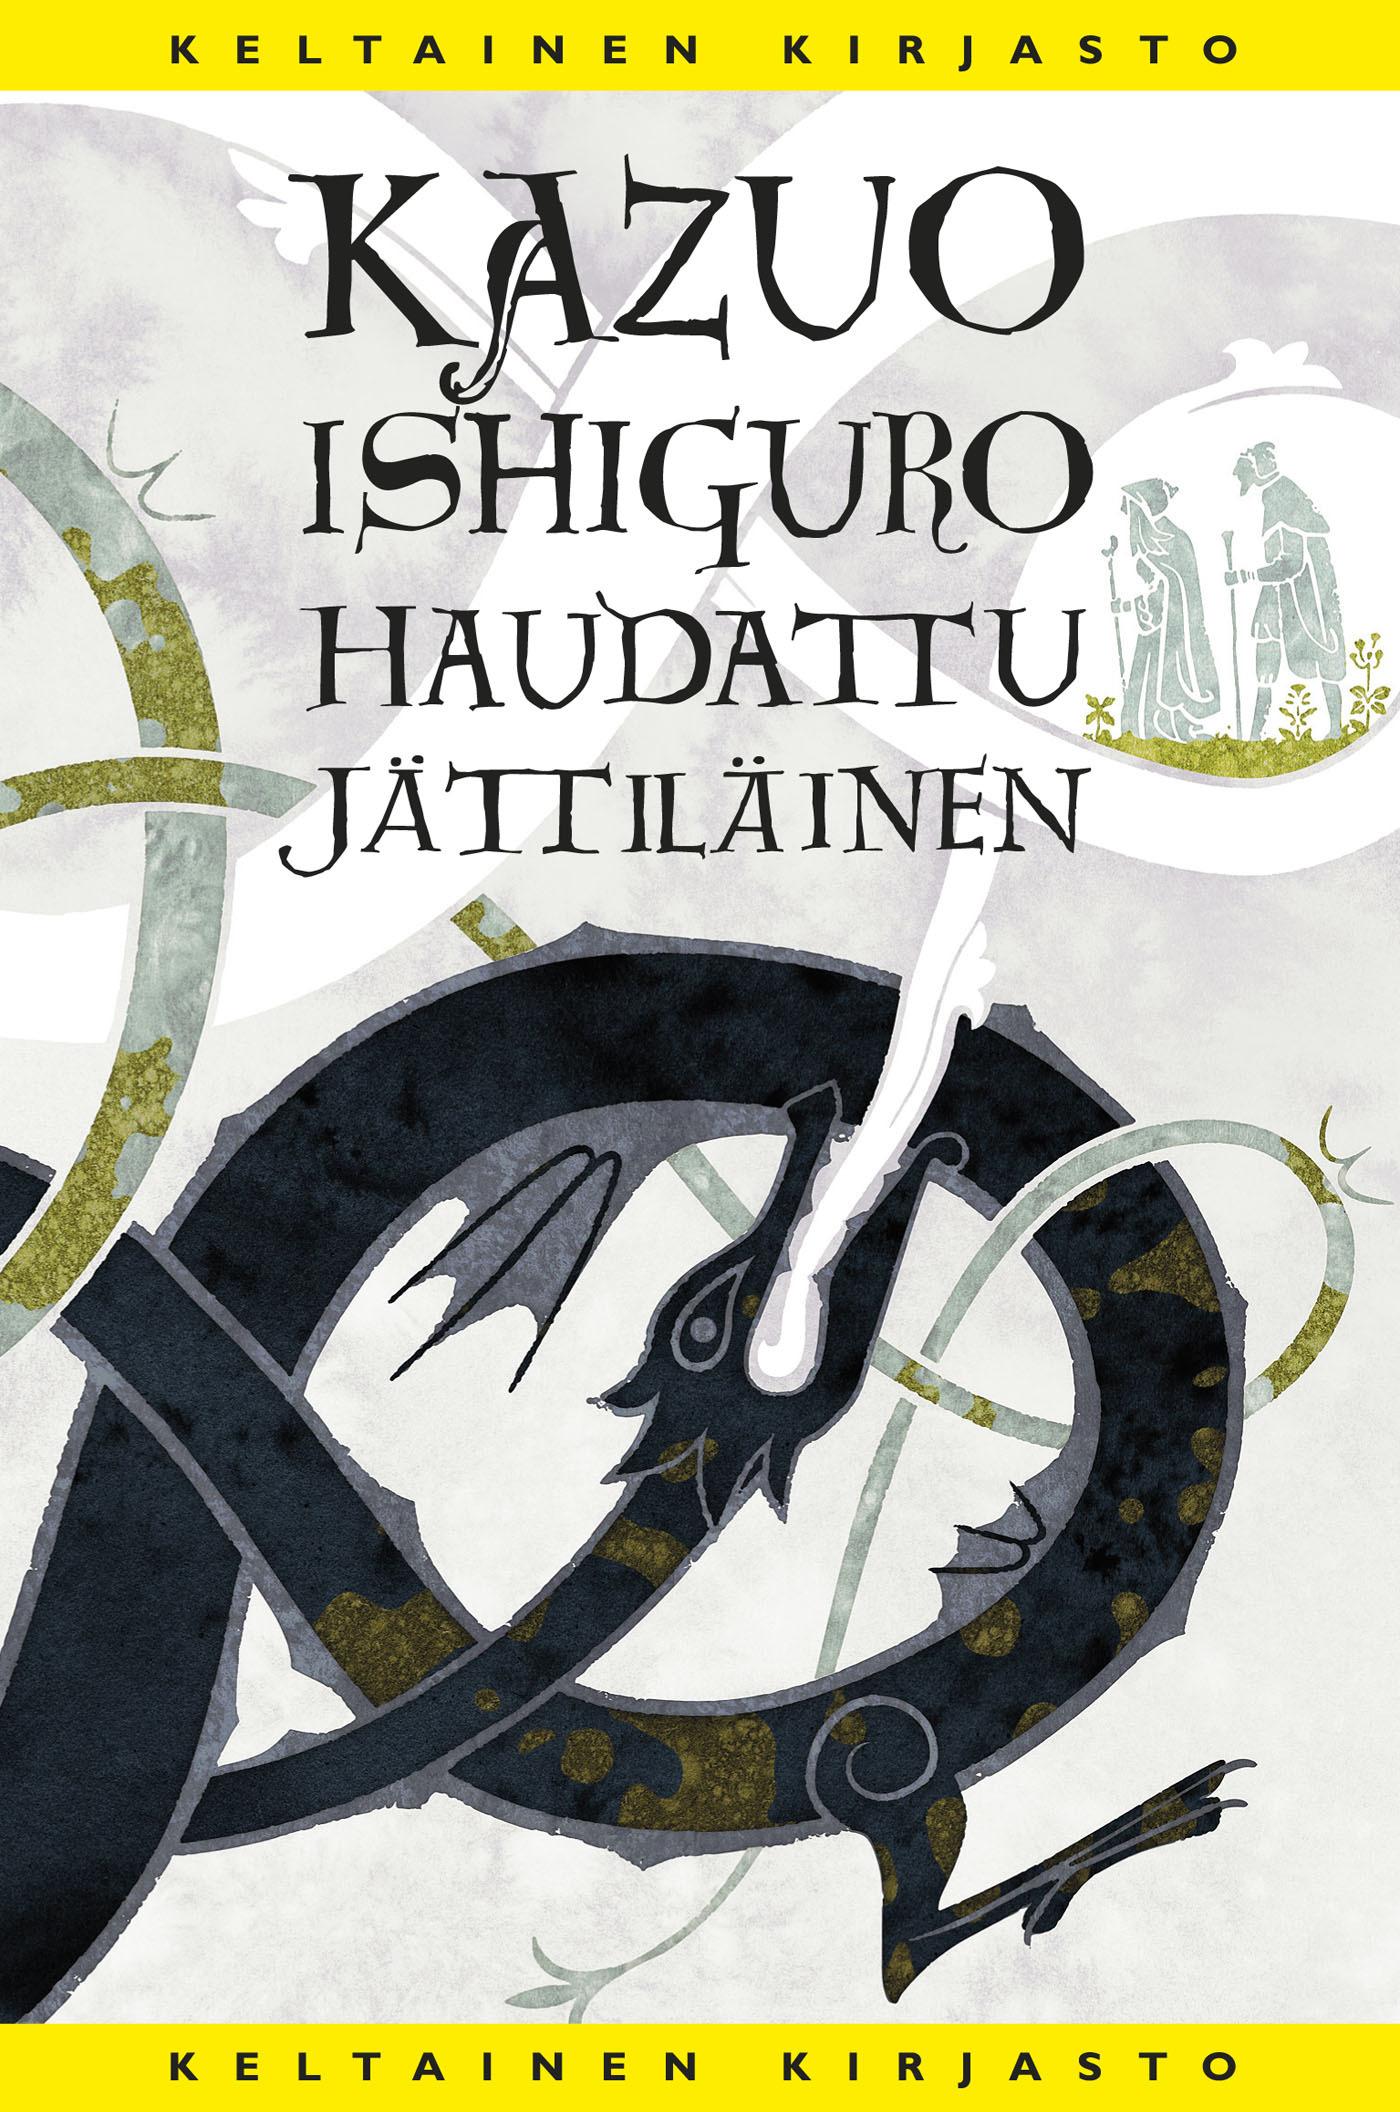 Ishiguro, Kazuo - Haudattu jättiläinen, e-kirja